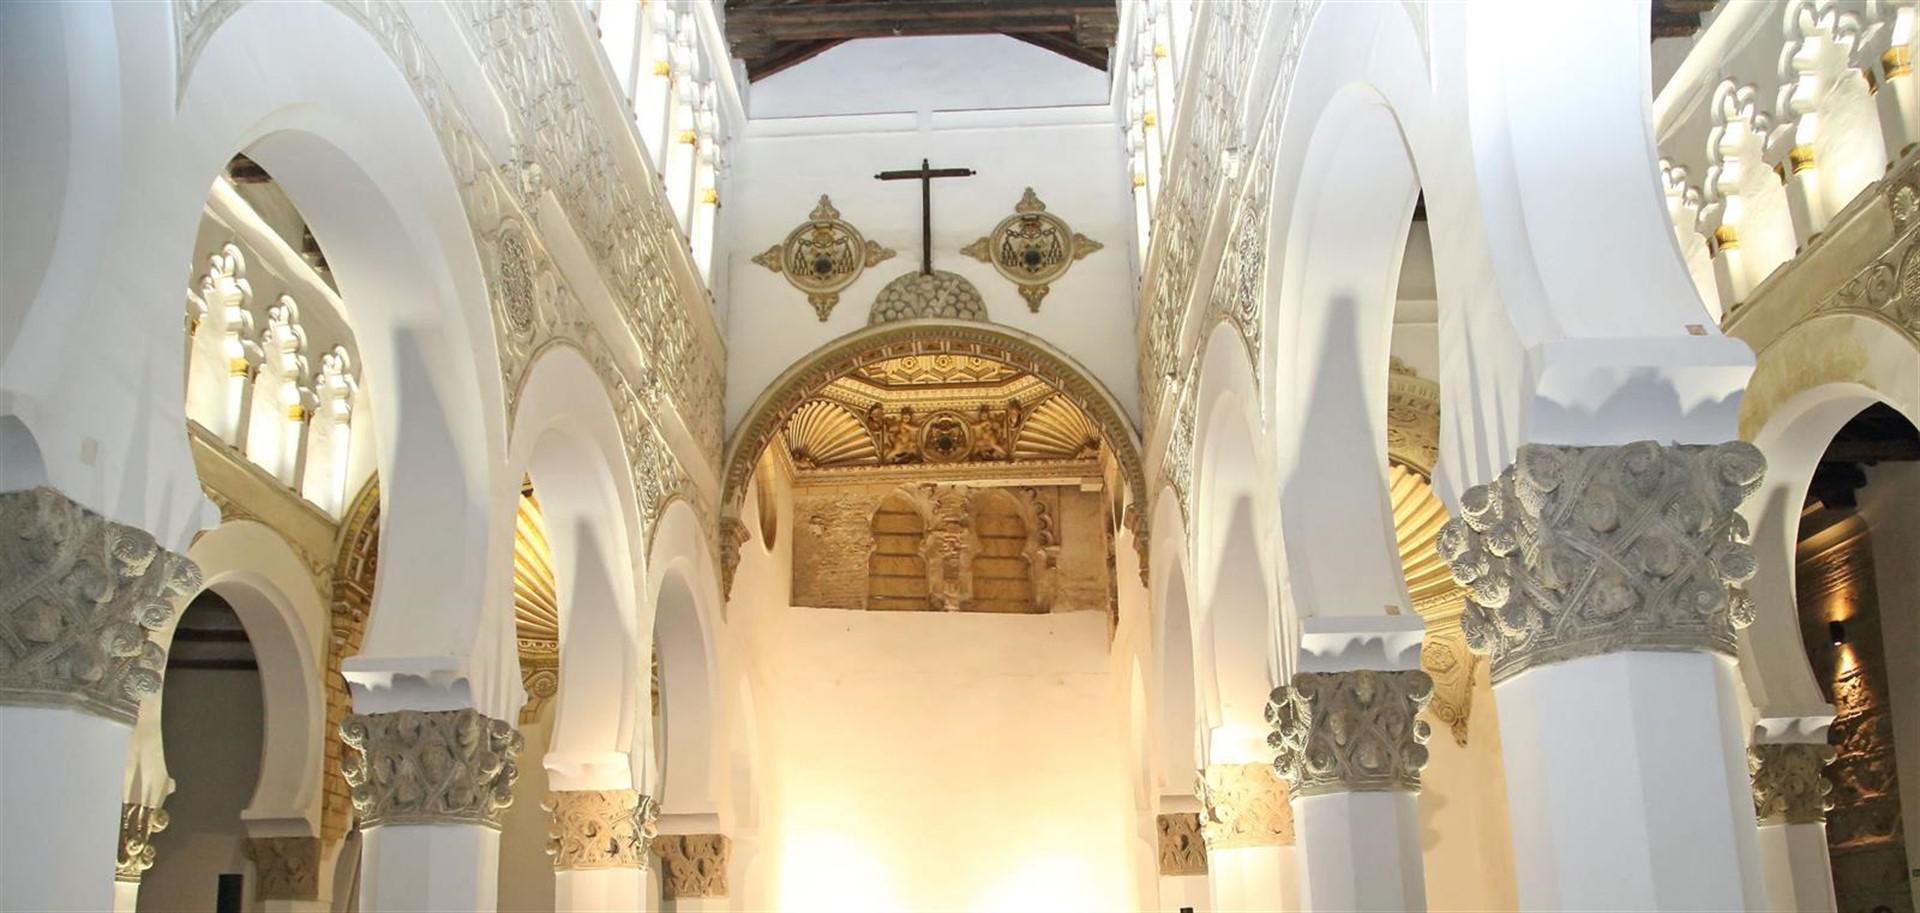 Los Judios De Espana Piden Restituir Santa Maria La Blanca Como